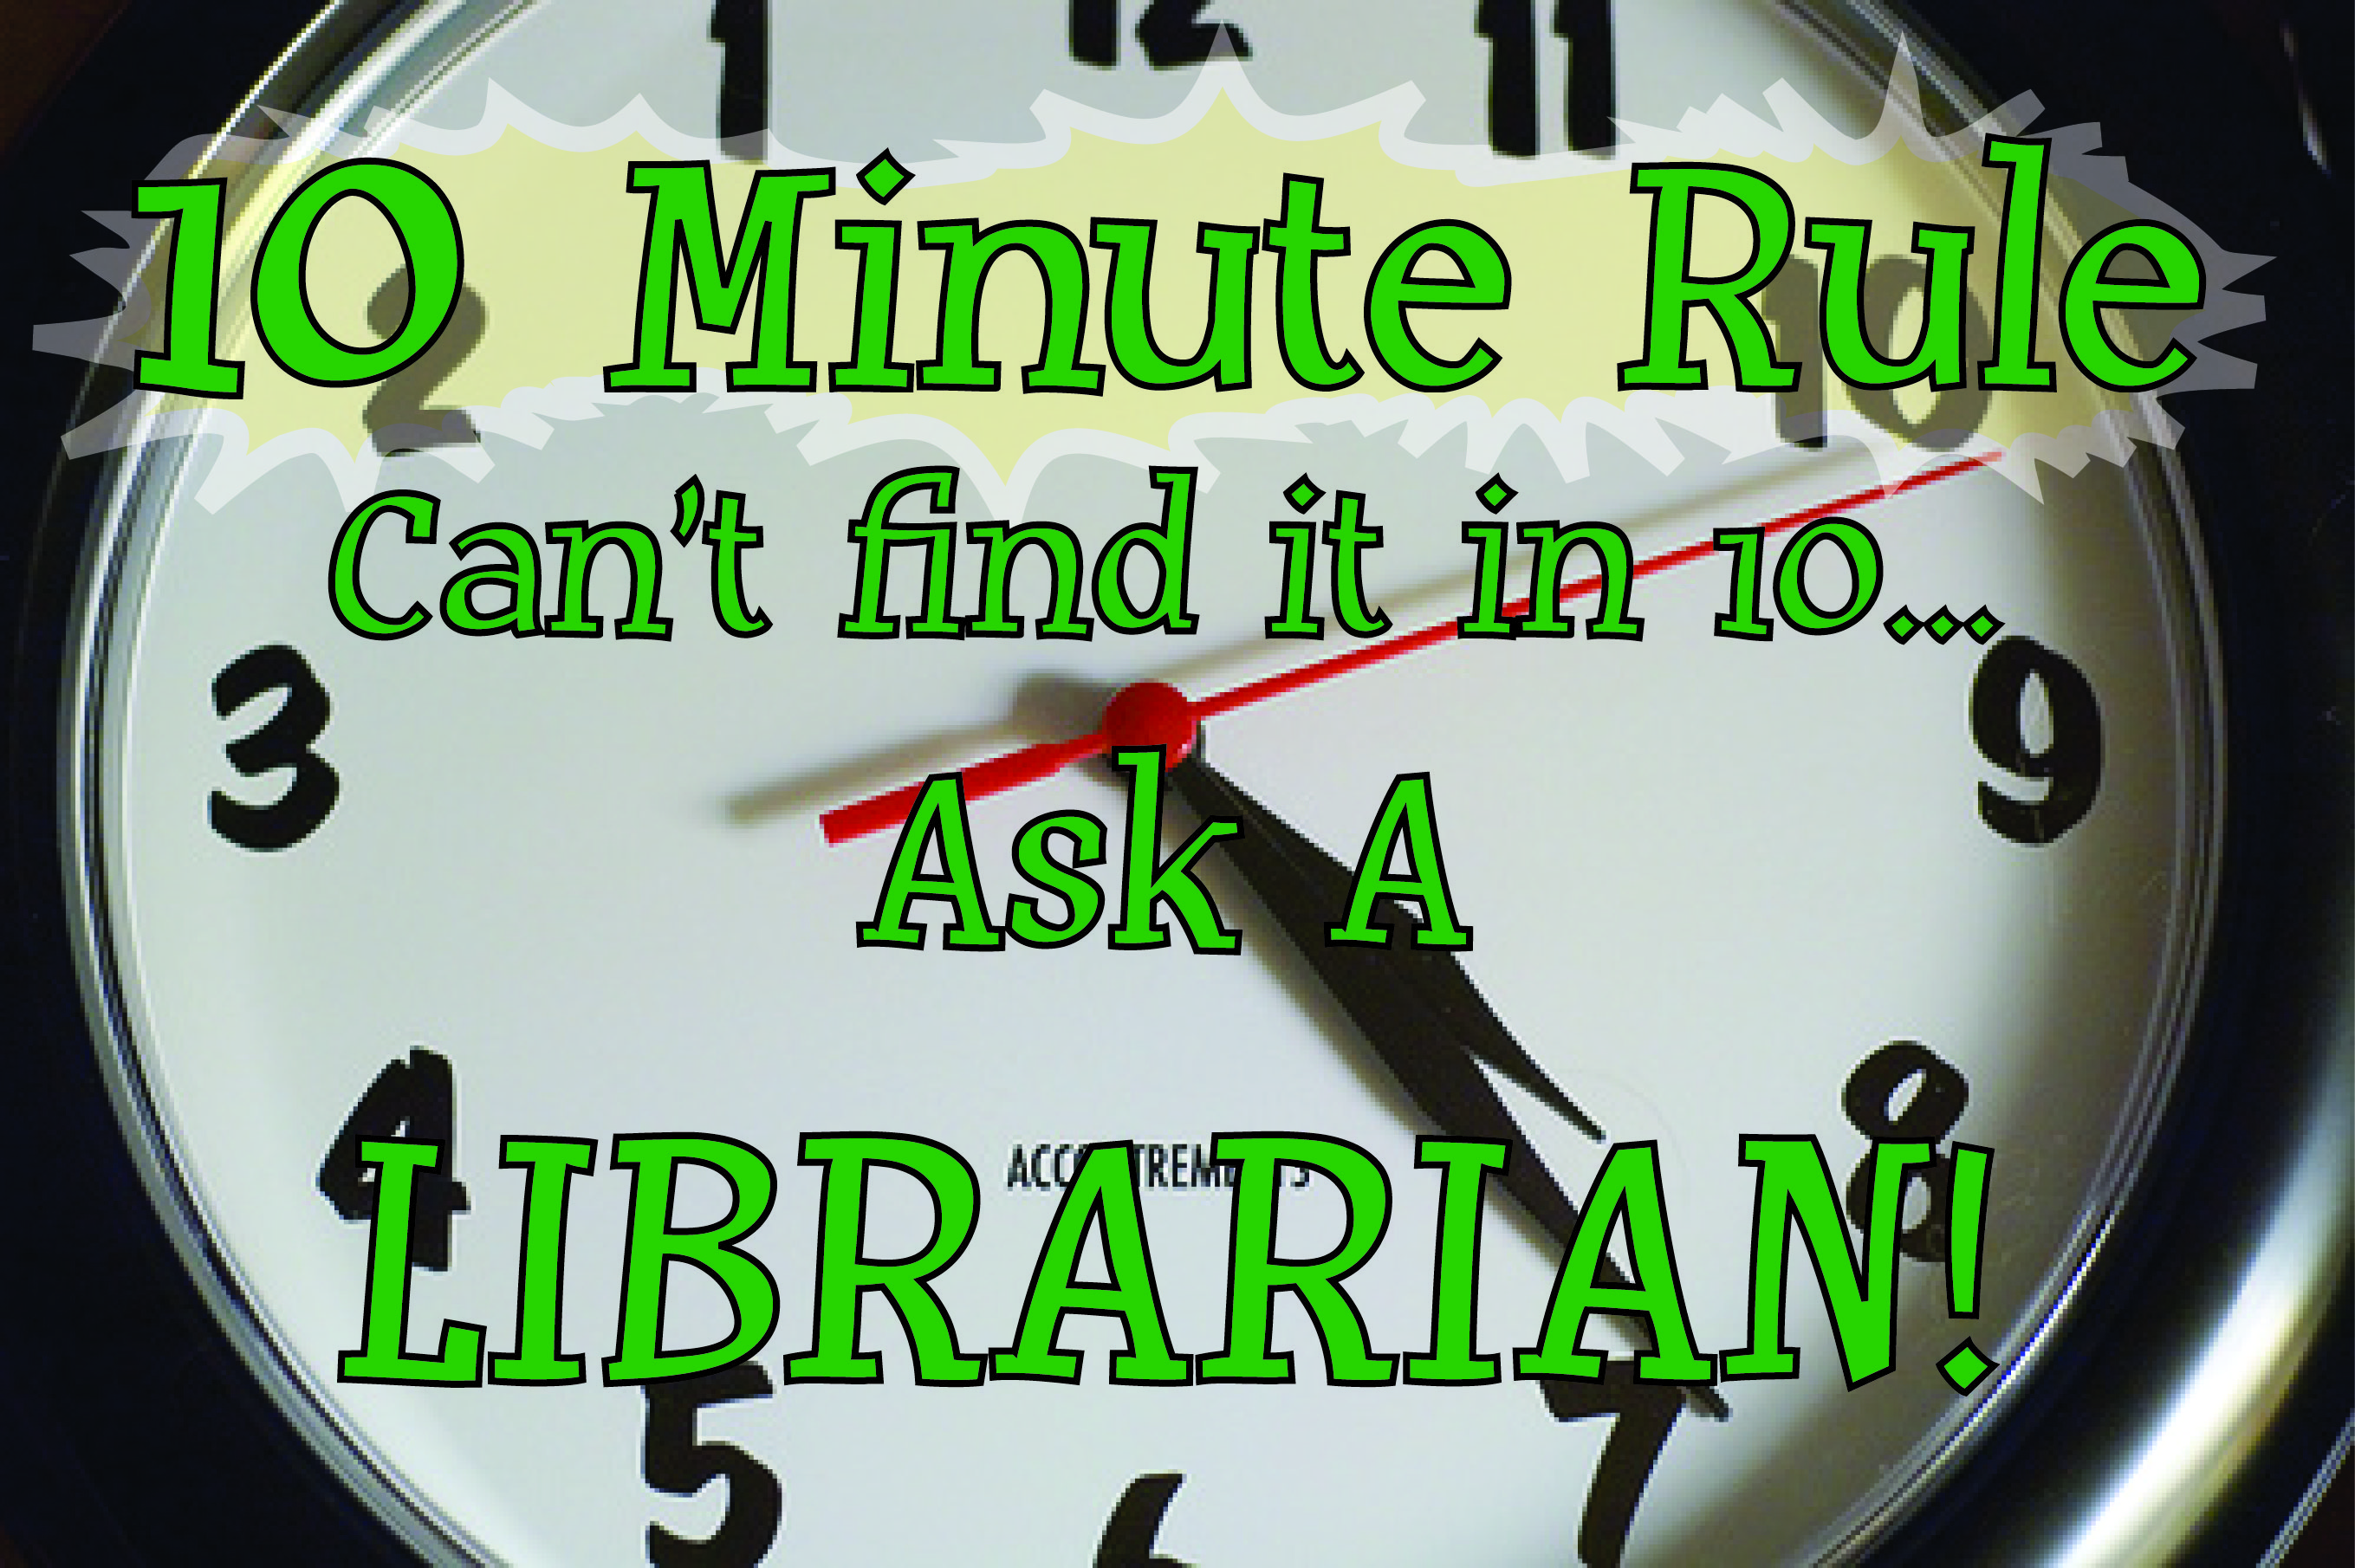 10 minute rule